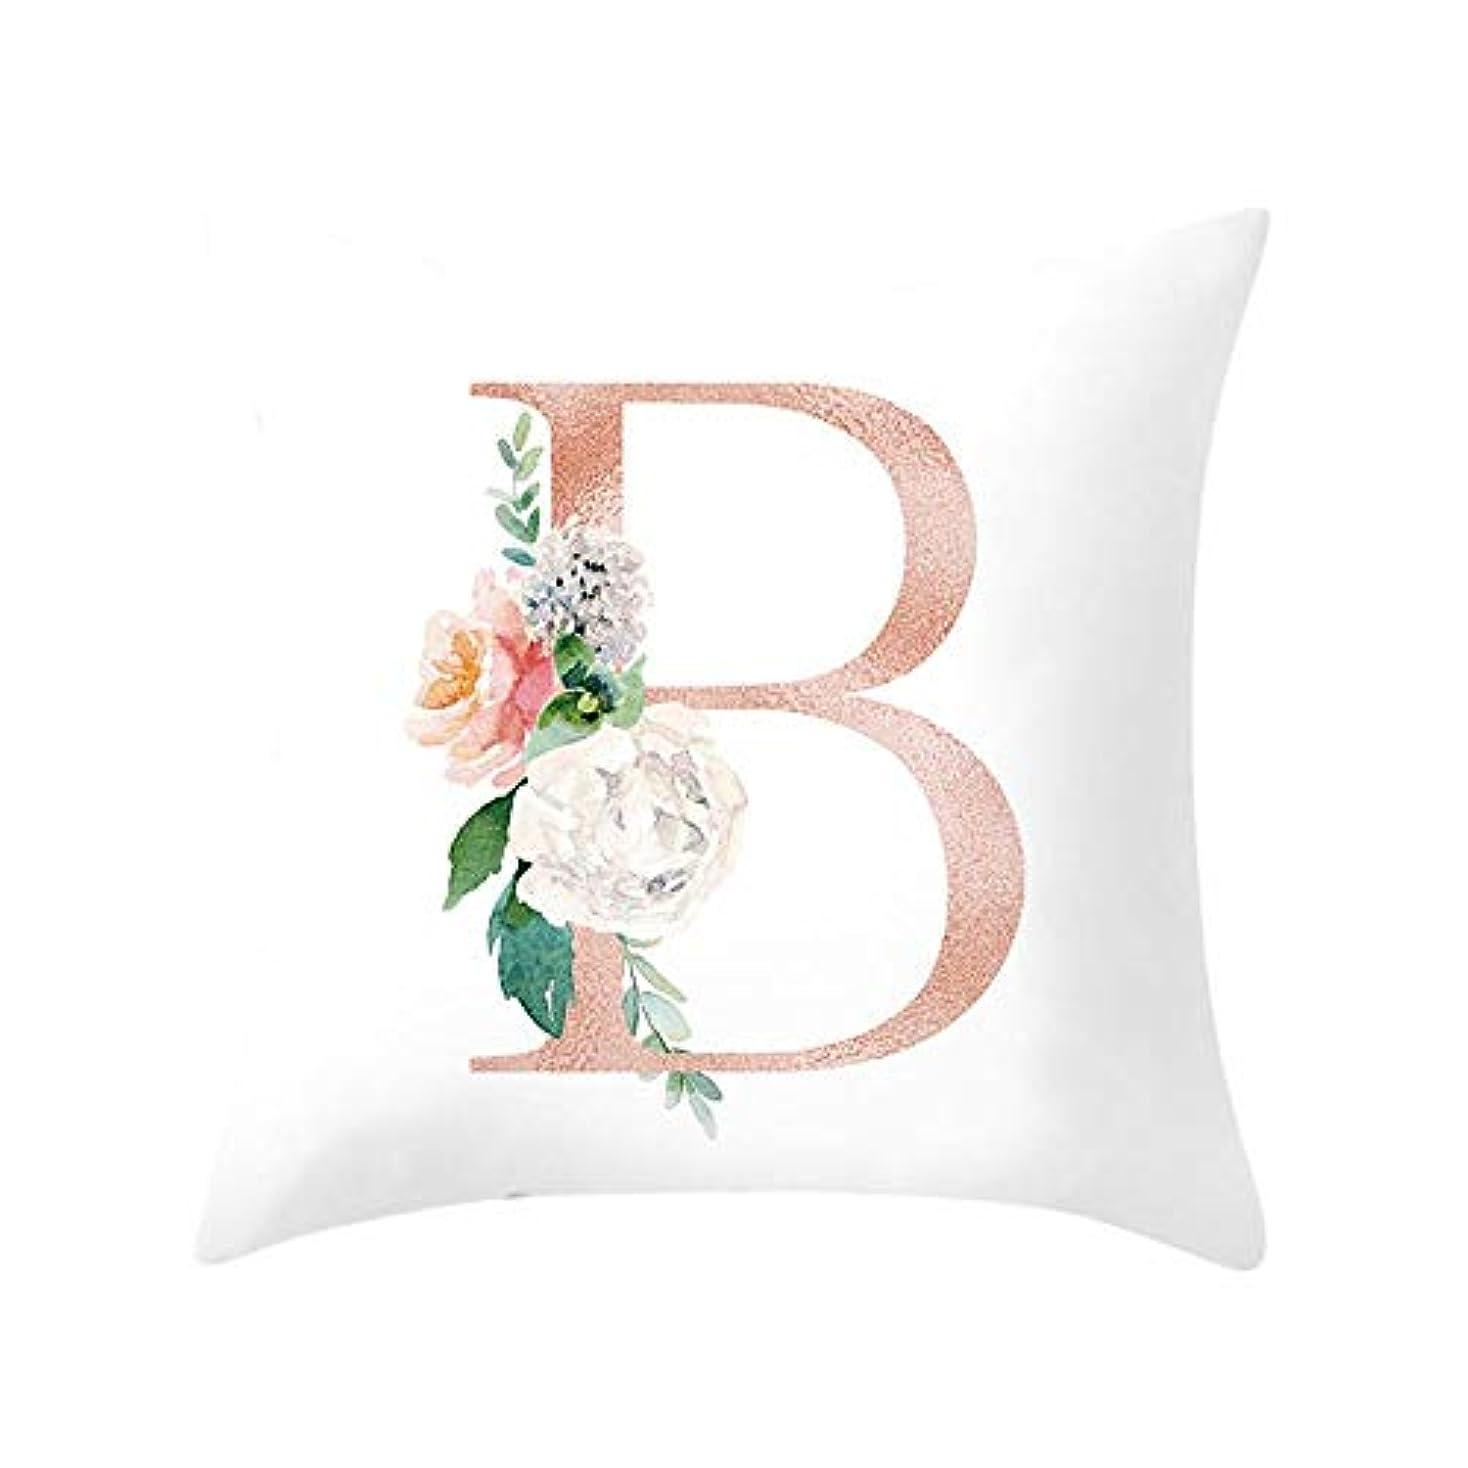 十二ダイアクリティカル聴衆LIFE 装飾クッションソファ手紙枕アルファベットクッション印刷ソファ家の装飾の花枕 coussin decoratif クッション 椅子